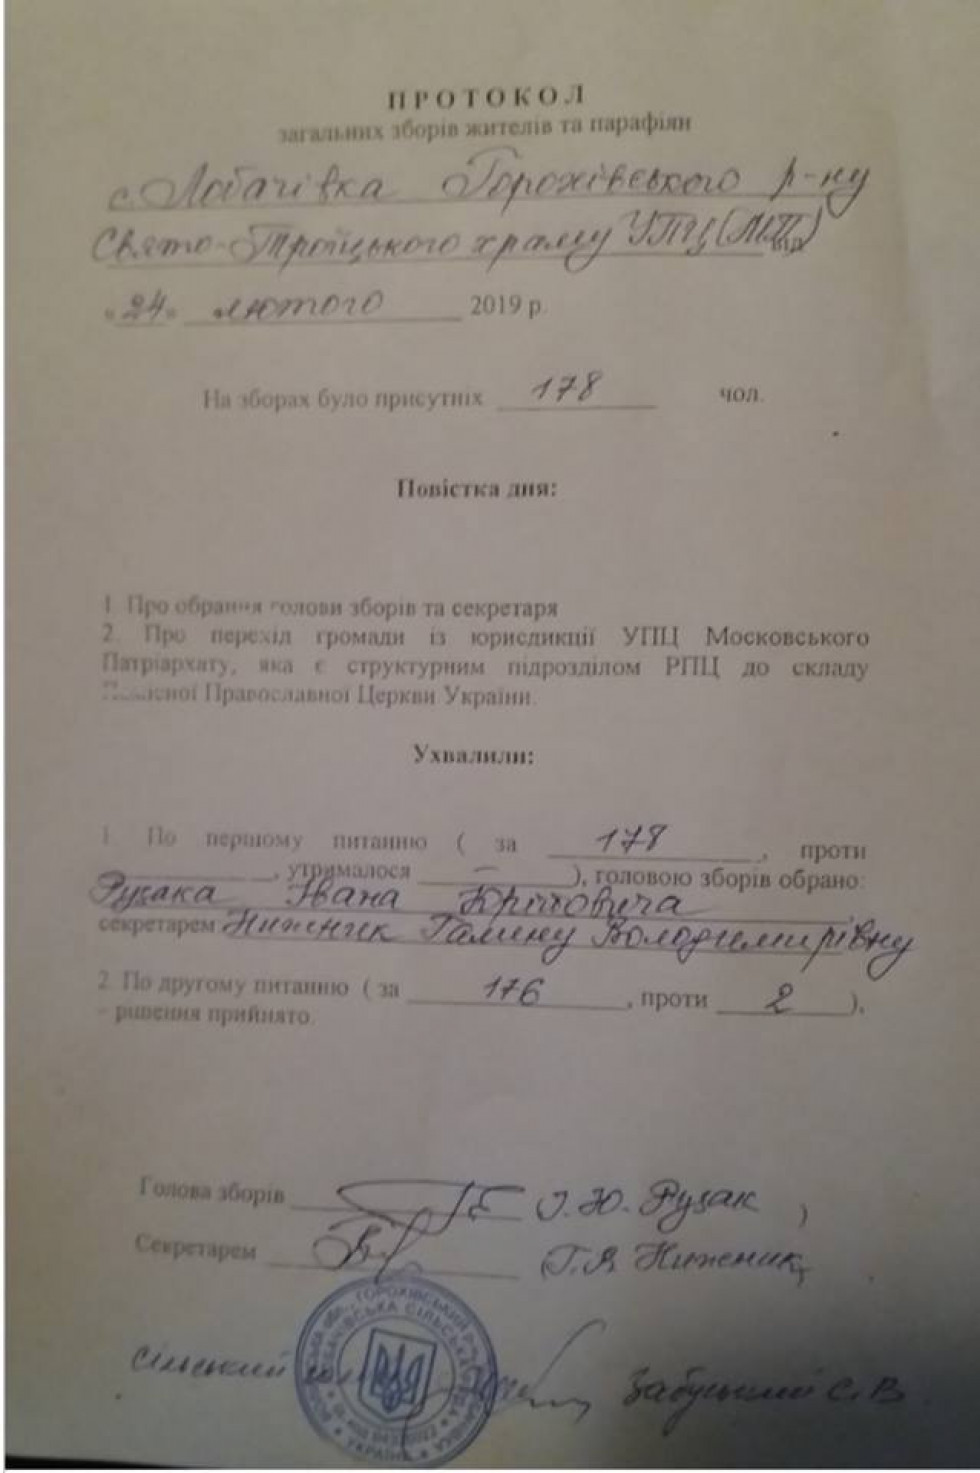 Протокол парафіяльних зборів у Лобачівці